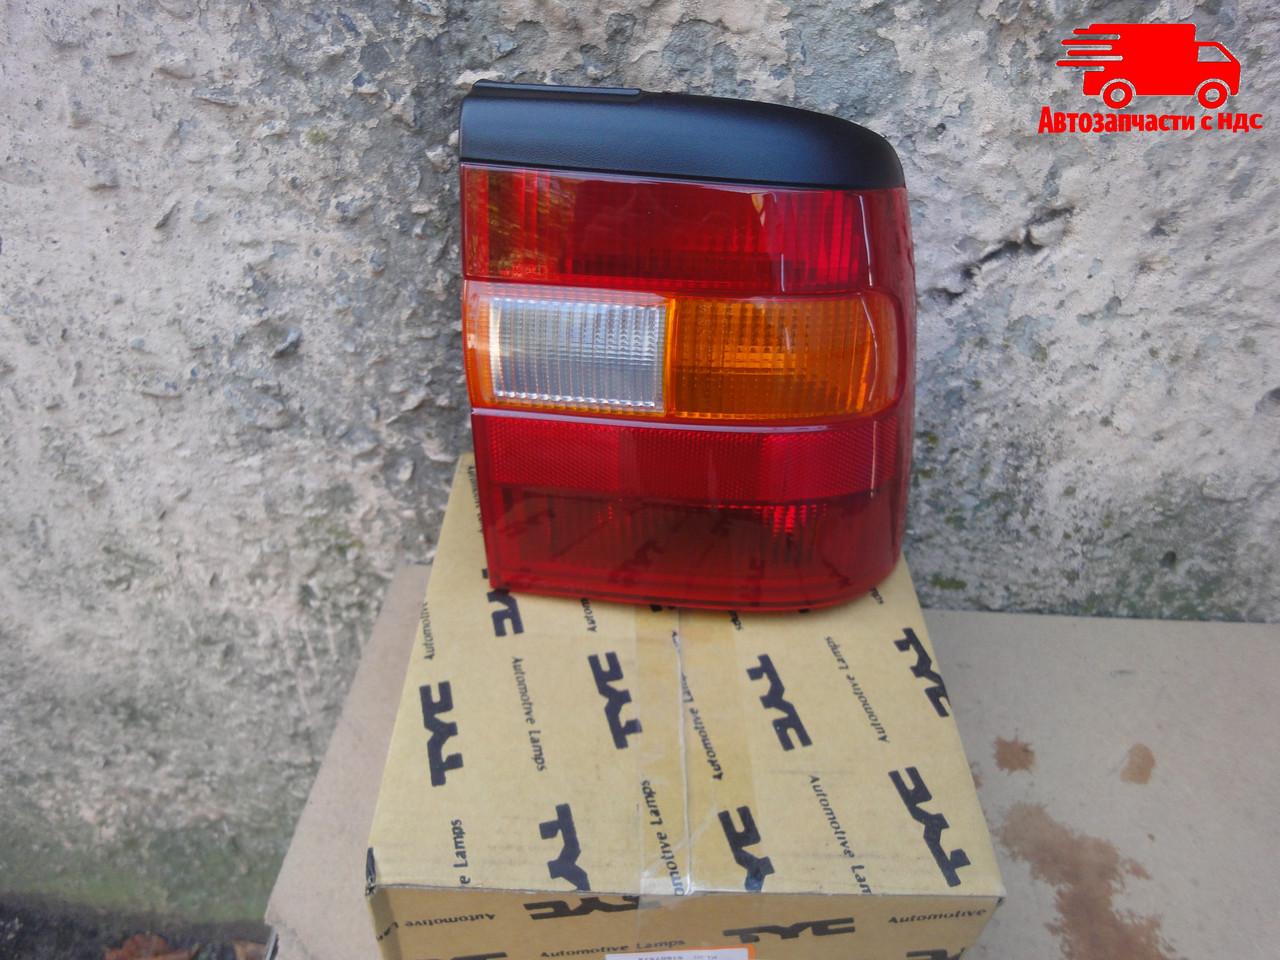 Ліхтар задній правий OPEL VECTRA A 11-3181-01-6b